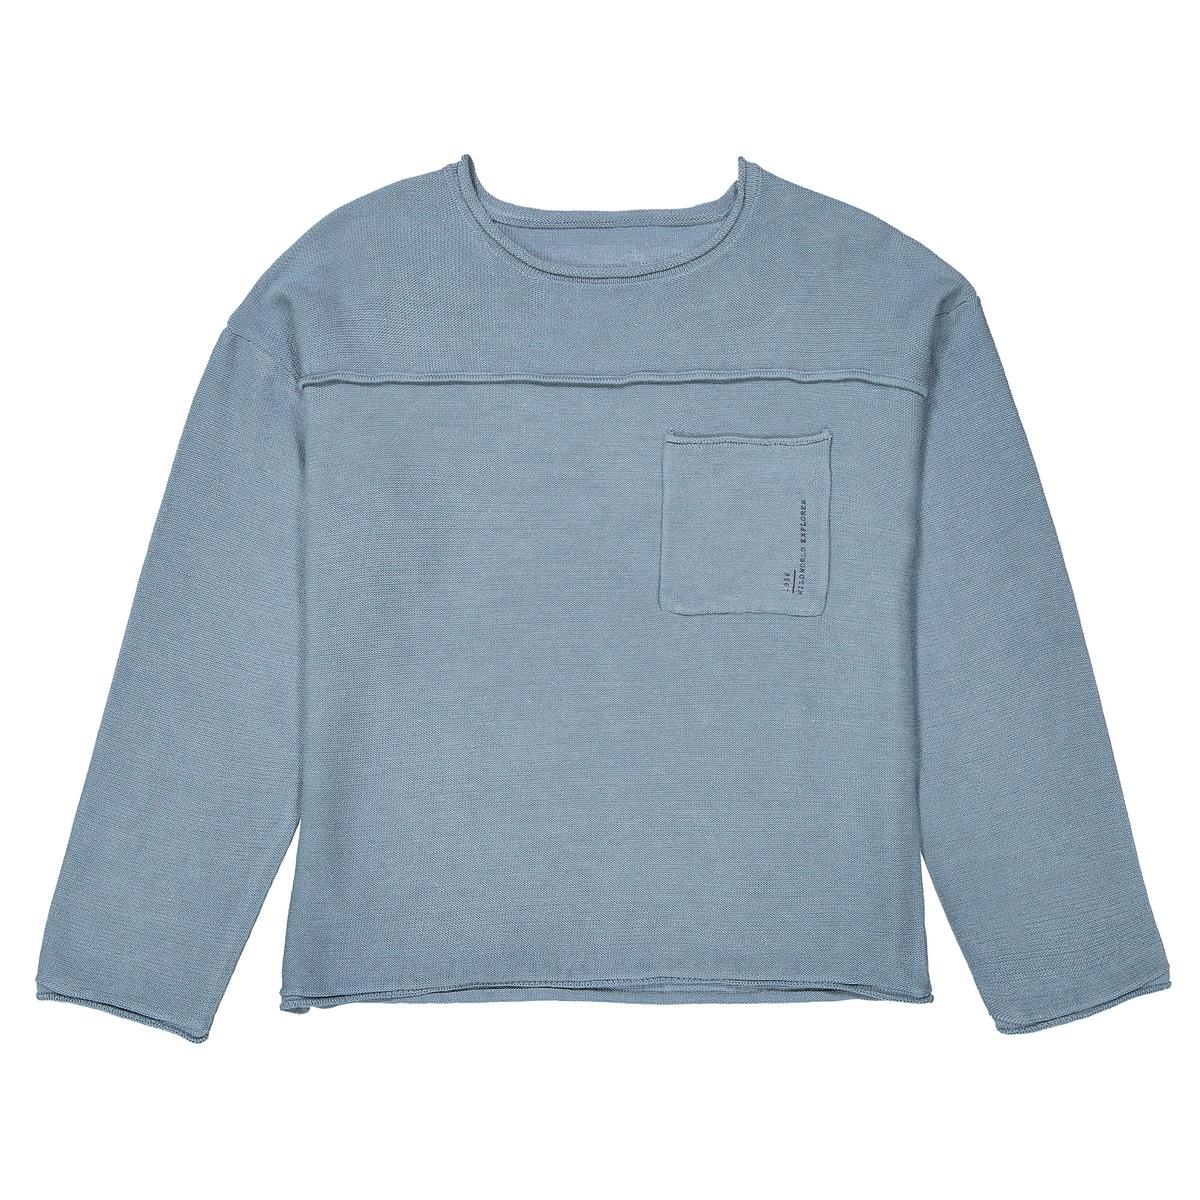 Пуловер свободный, 3-12 лет